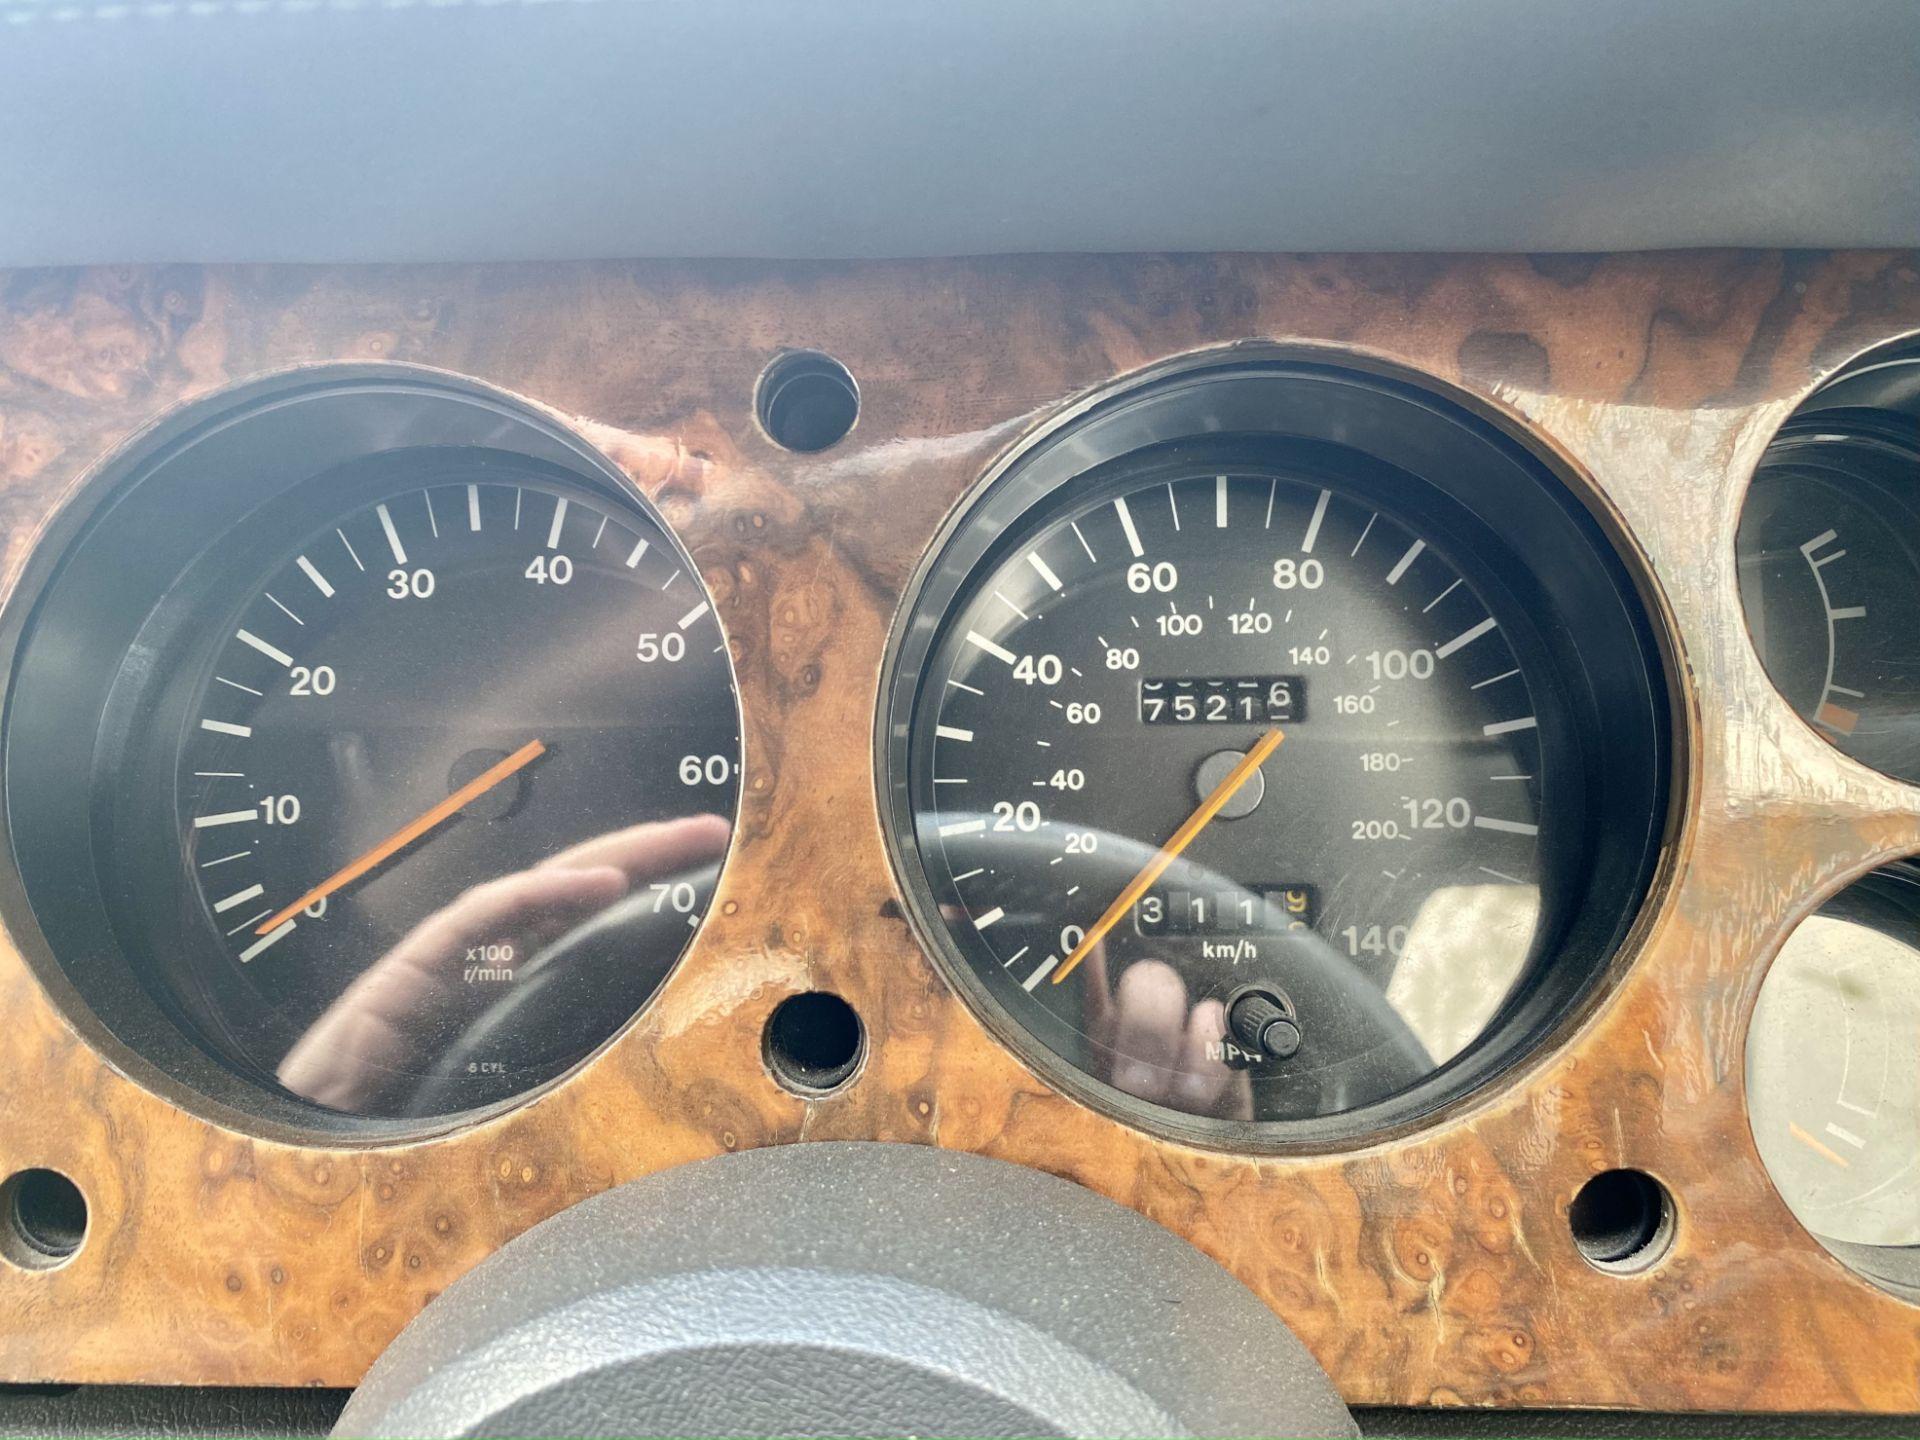 Ford Capri Tickford Turbo - Image 51 of 62